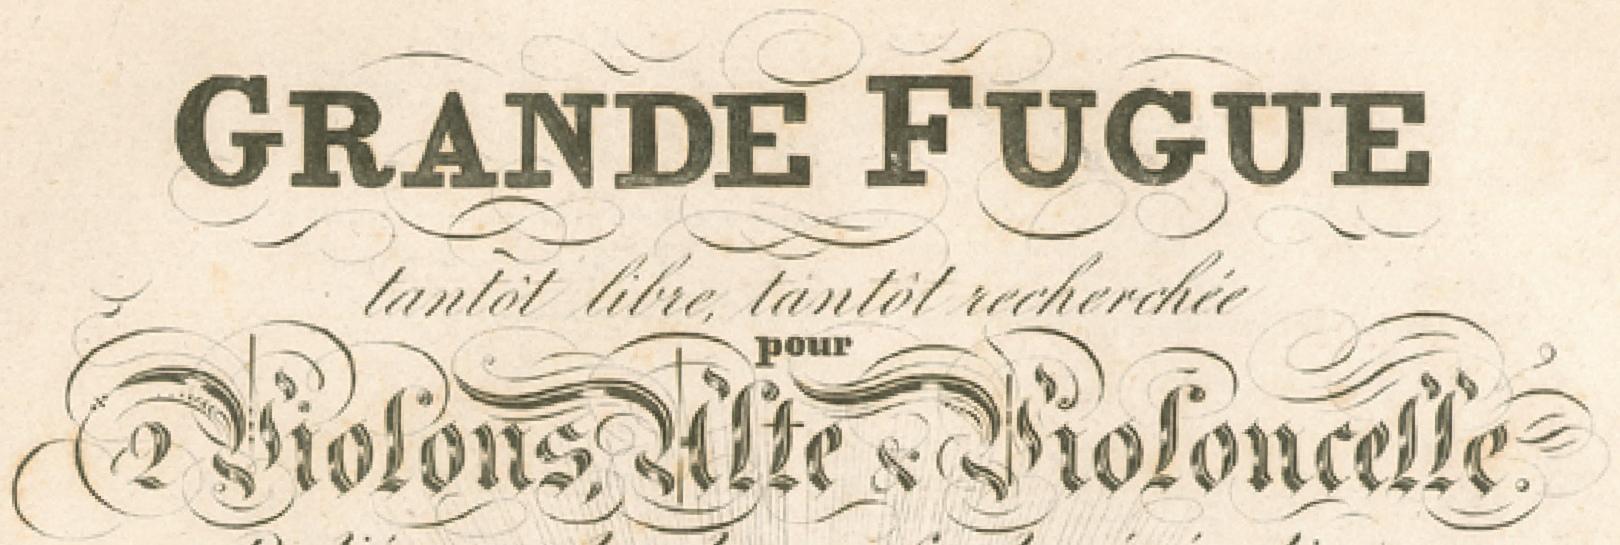 Extrait de la page de titre de la partition de la première édition, Wien, Artaria, 1827, IMSLP